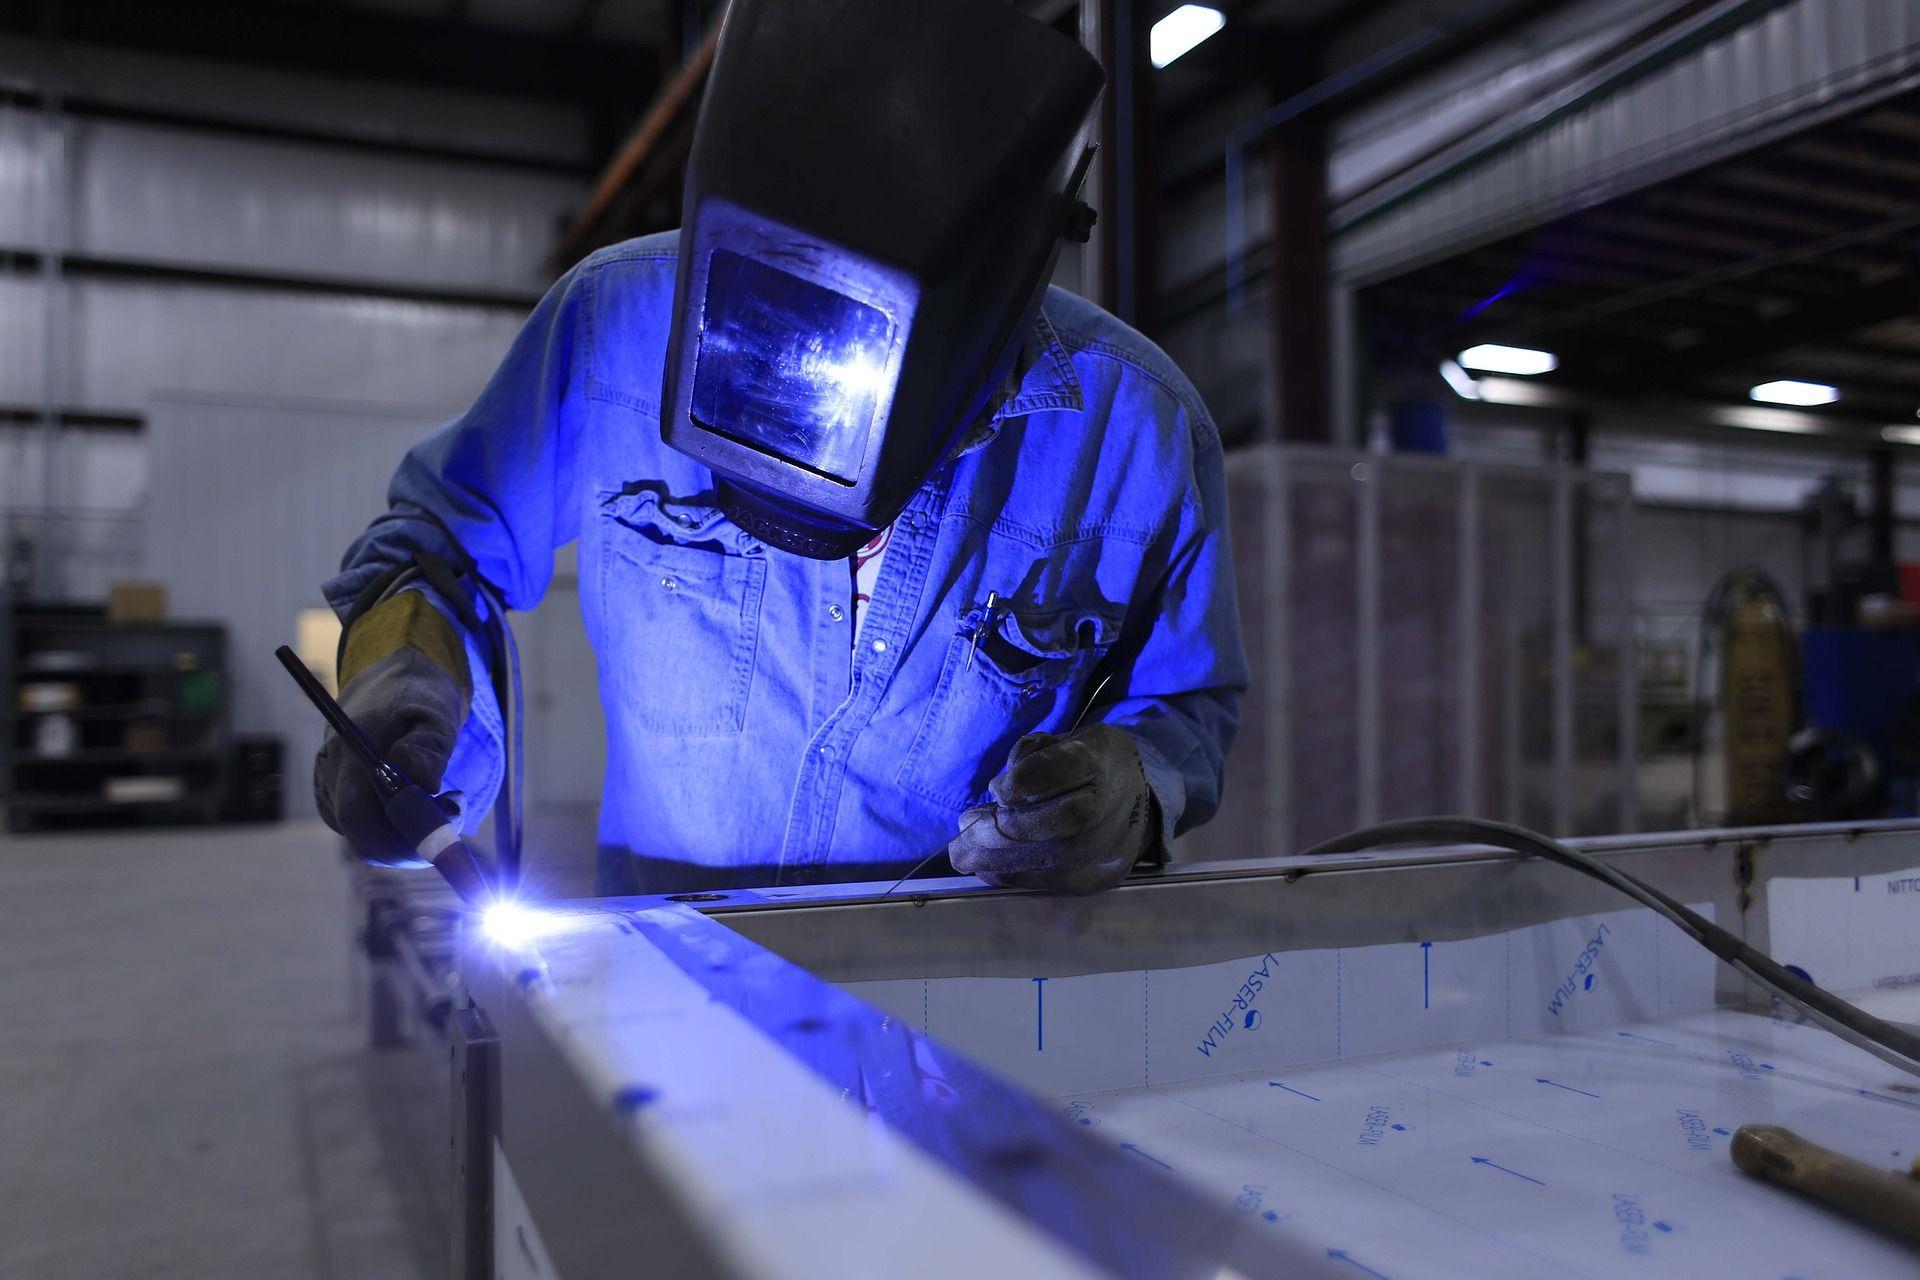 Atividade industrial começa a melhorar desempenho